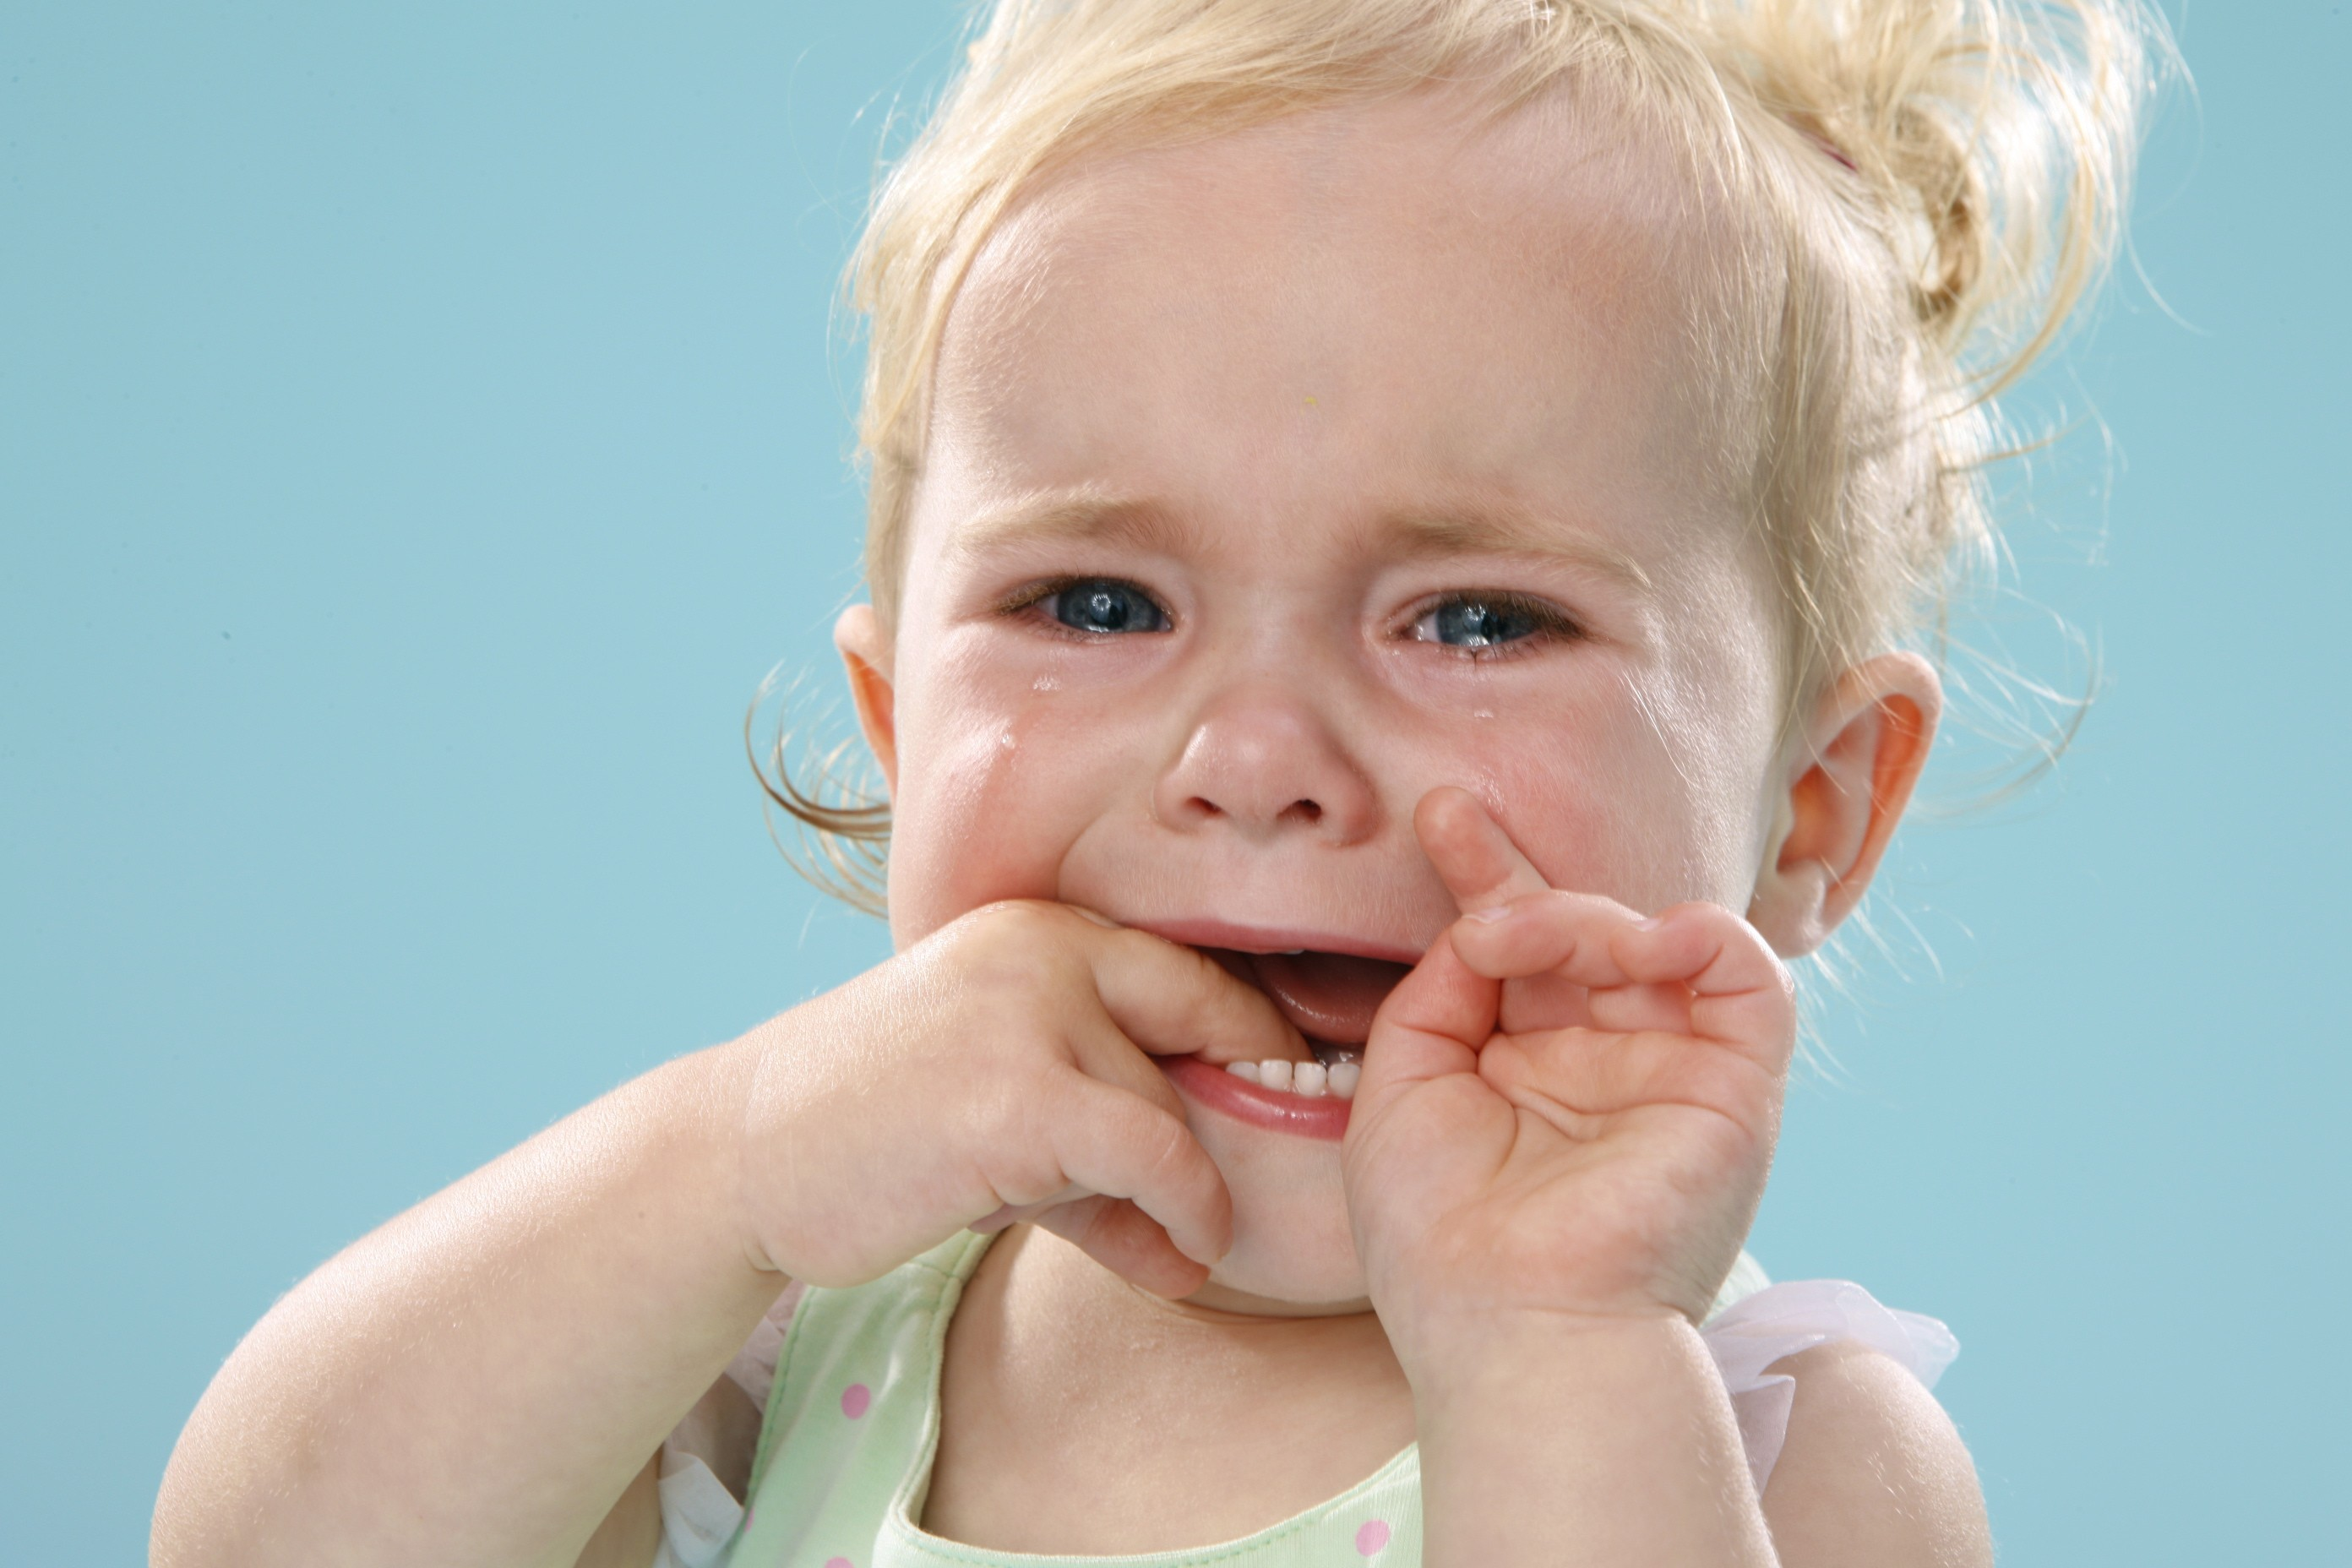 Герпес у детей: фото, симптомы, лечение герпеса у ребенка